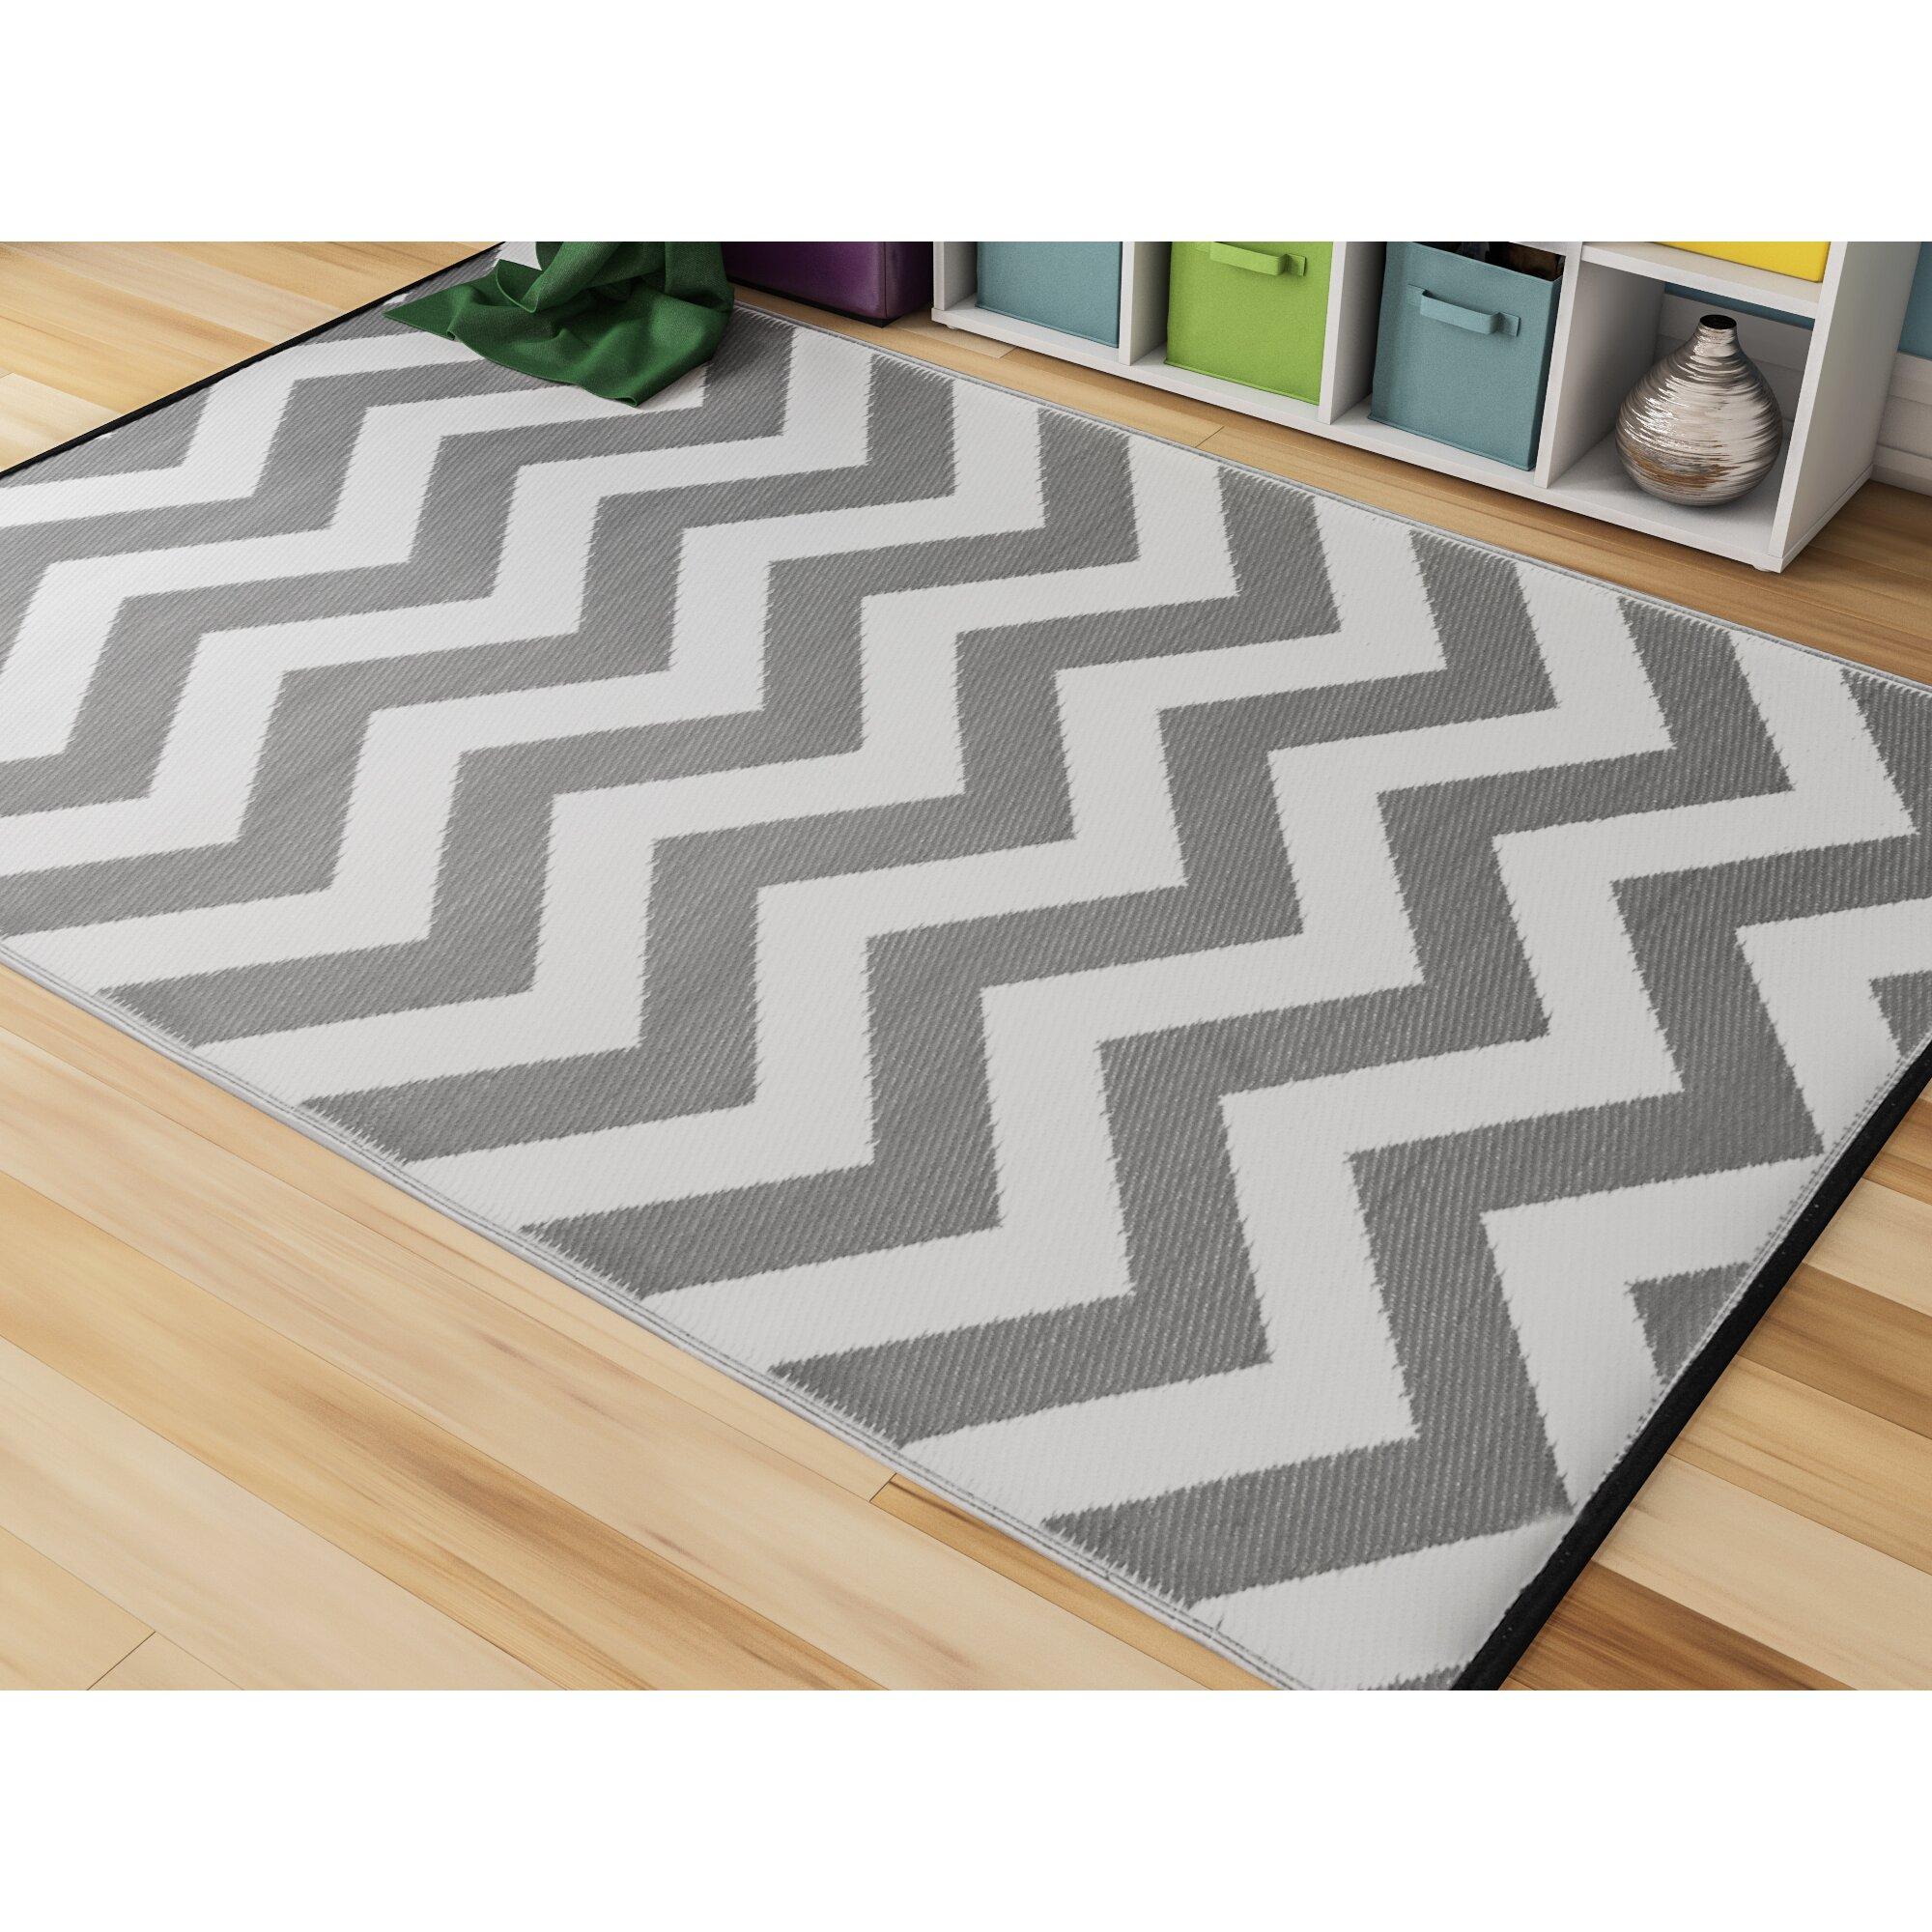 Riley ave lauryn grey indoor outdoor area rug reviews for Indoor outdoor rugs uk